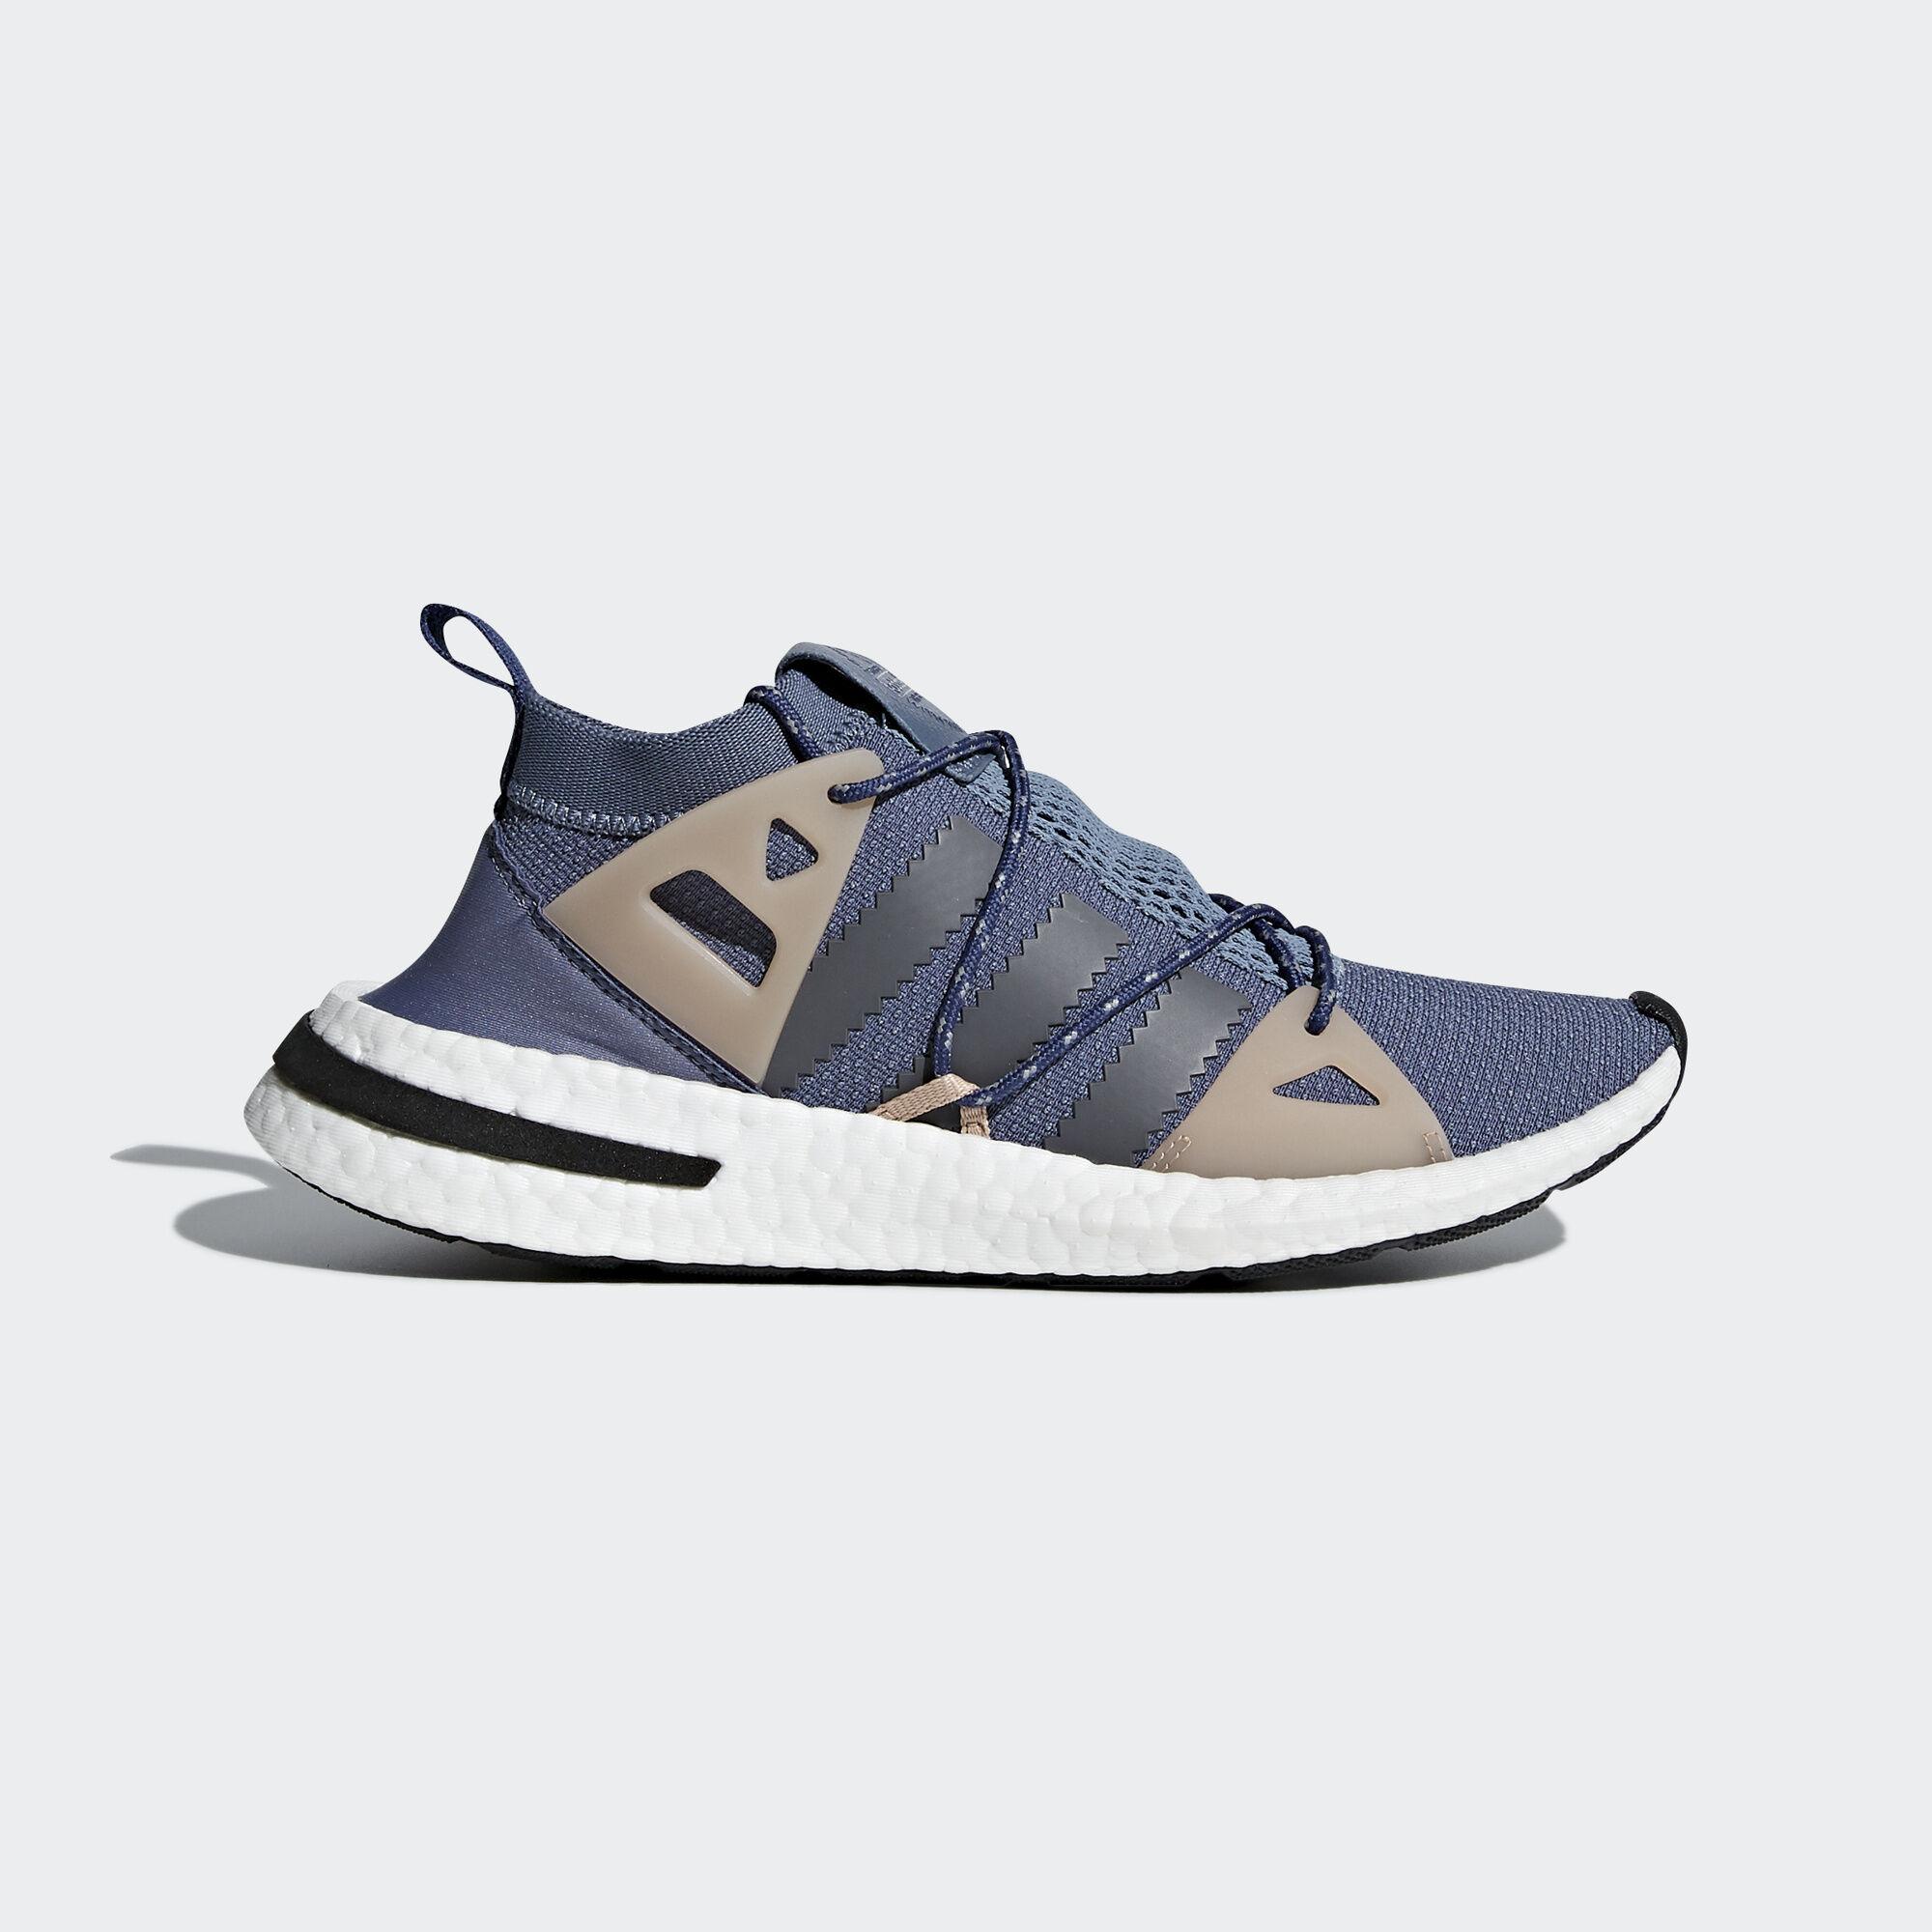 adidas Arkyn Chaussures Bleu adidas Regional